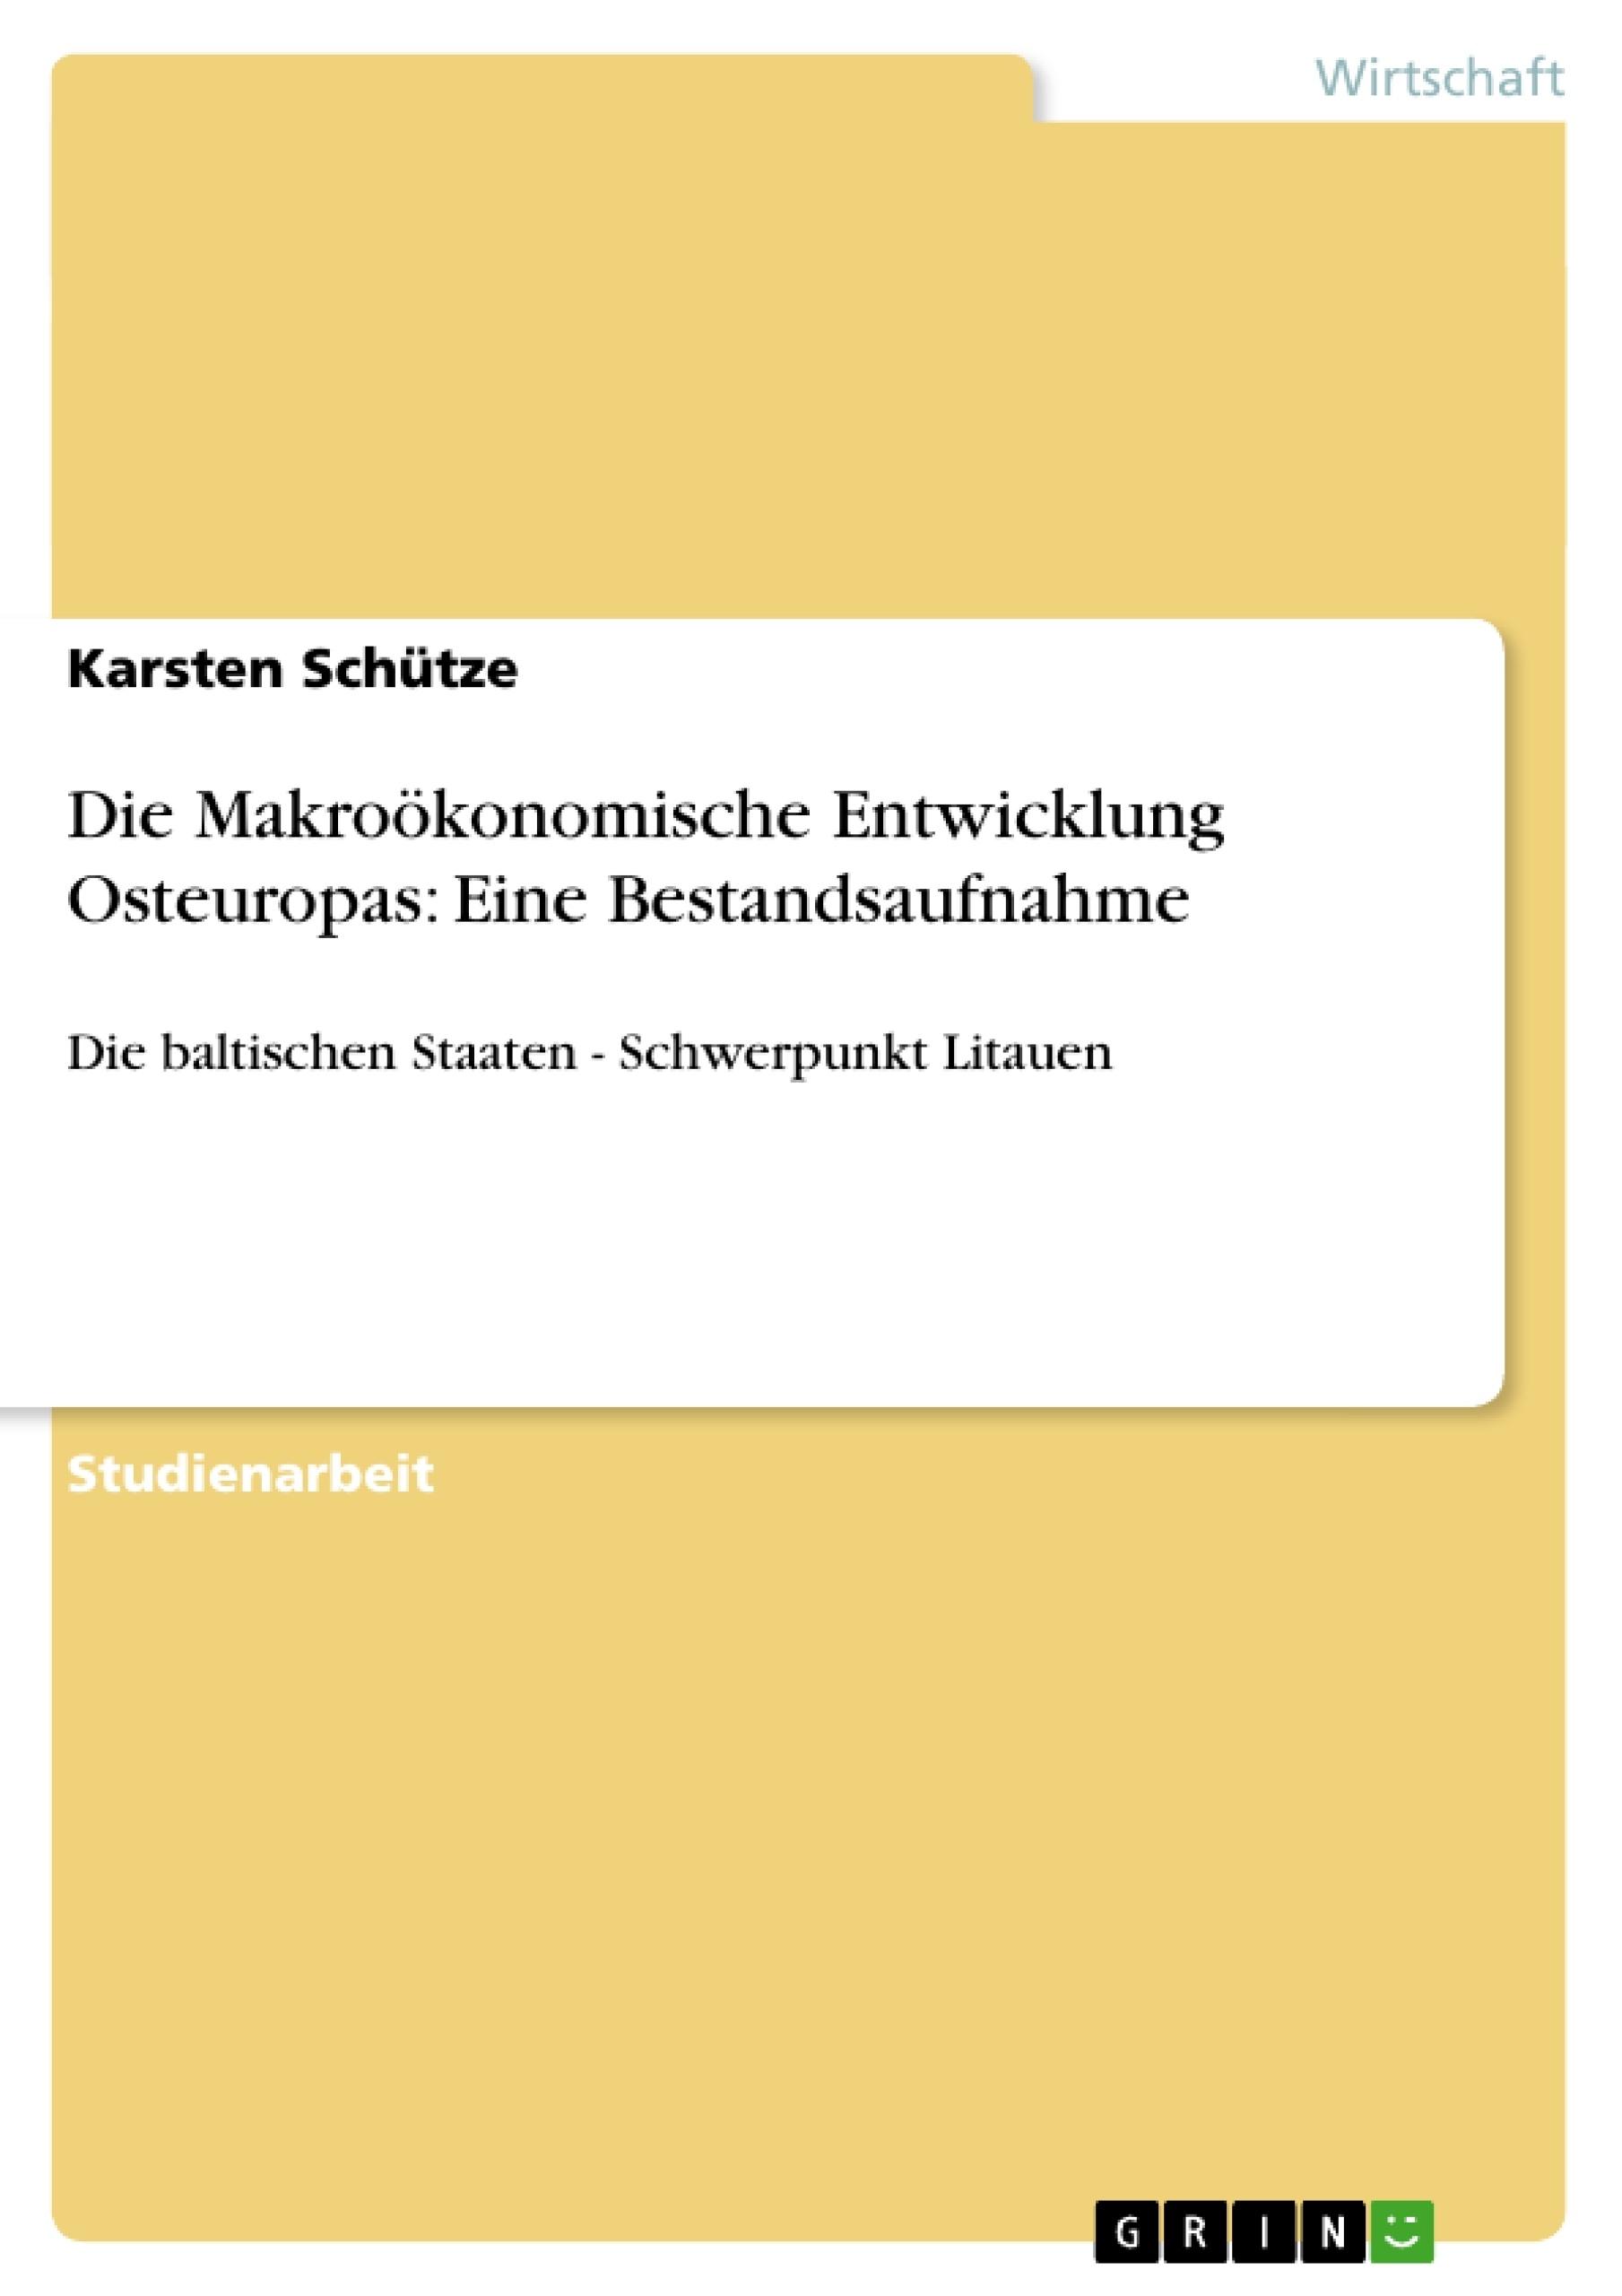 Titel: Die Makroökonomische Entwicklung Osteuropas: Eine Bestandsaufnahme